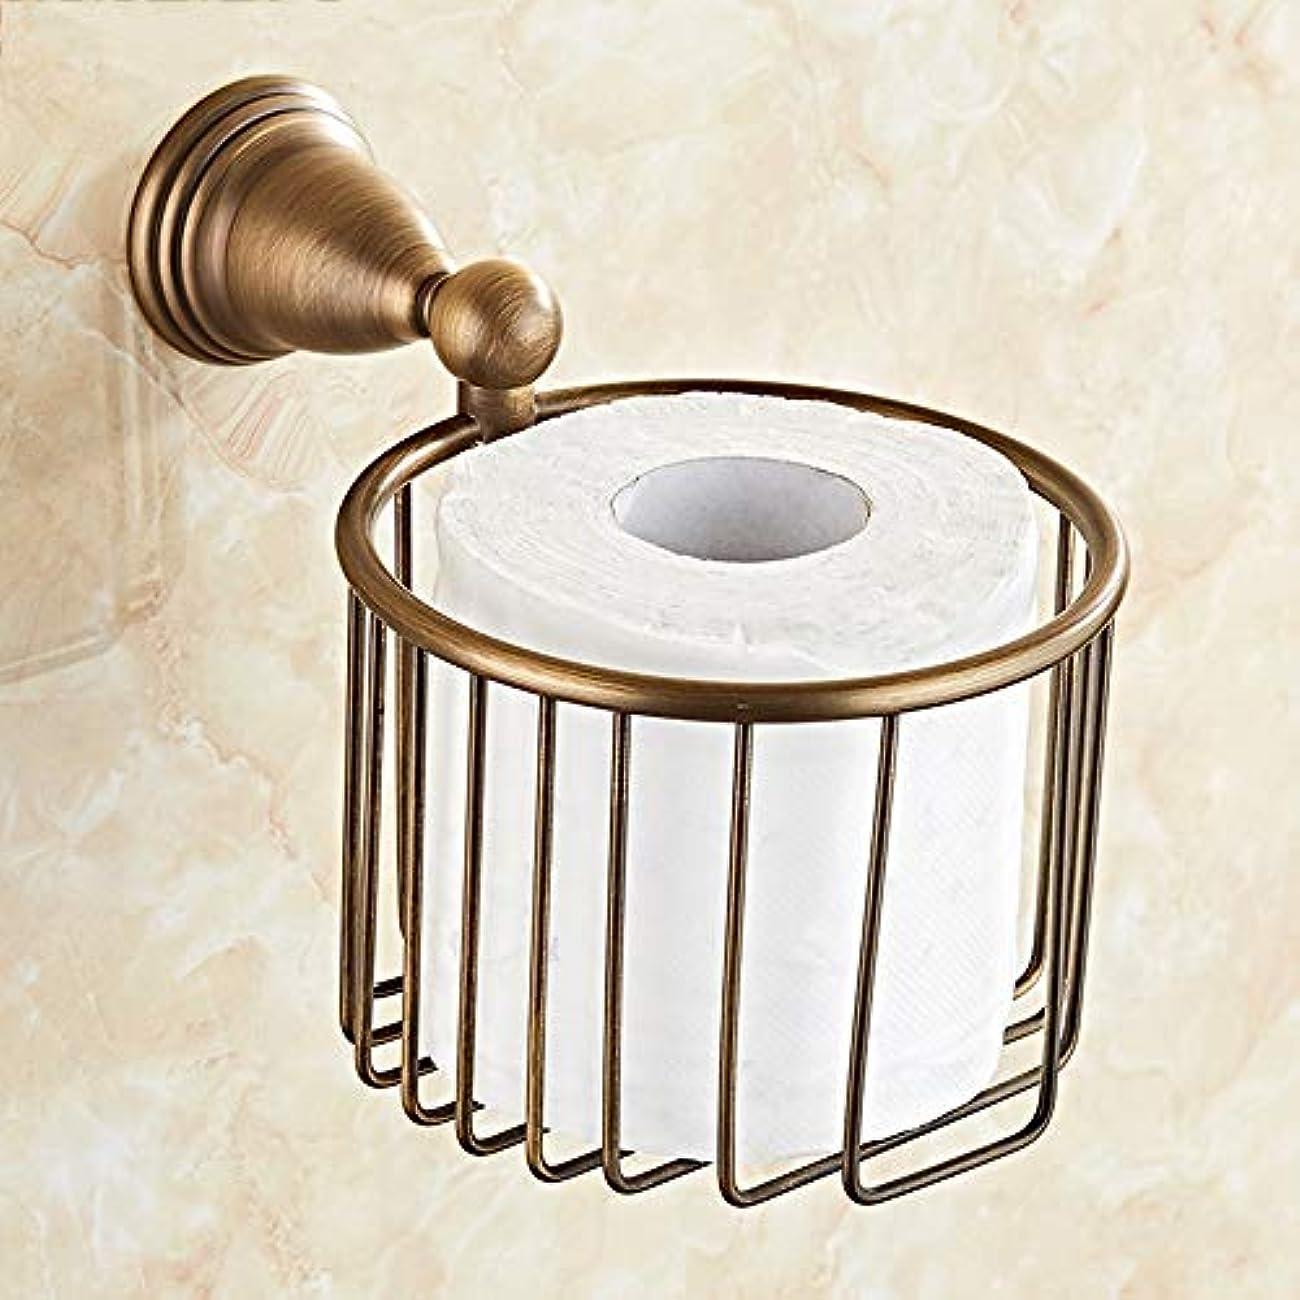 追い出すスラッシュヤングZZLX 紙タオルホルダー、無料パンチングヨーロッパスタイルフル銅バスルームのハードウェアアンティークトイレットペーパーホルダーロールホルダー ロングハンドル風呂ブラシ (色 : Punch hole)